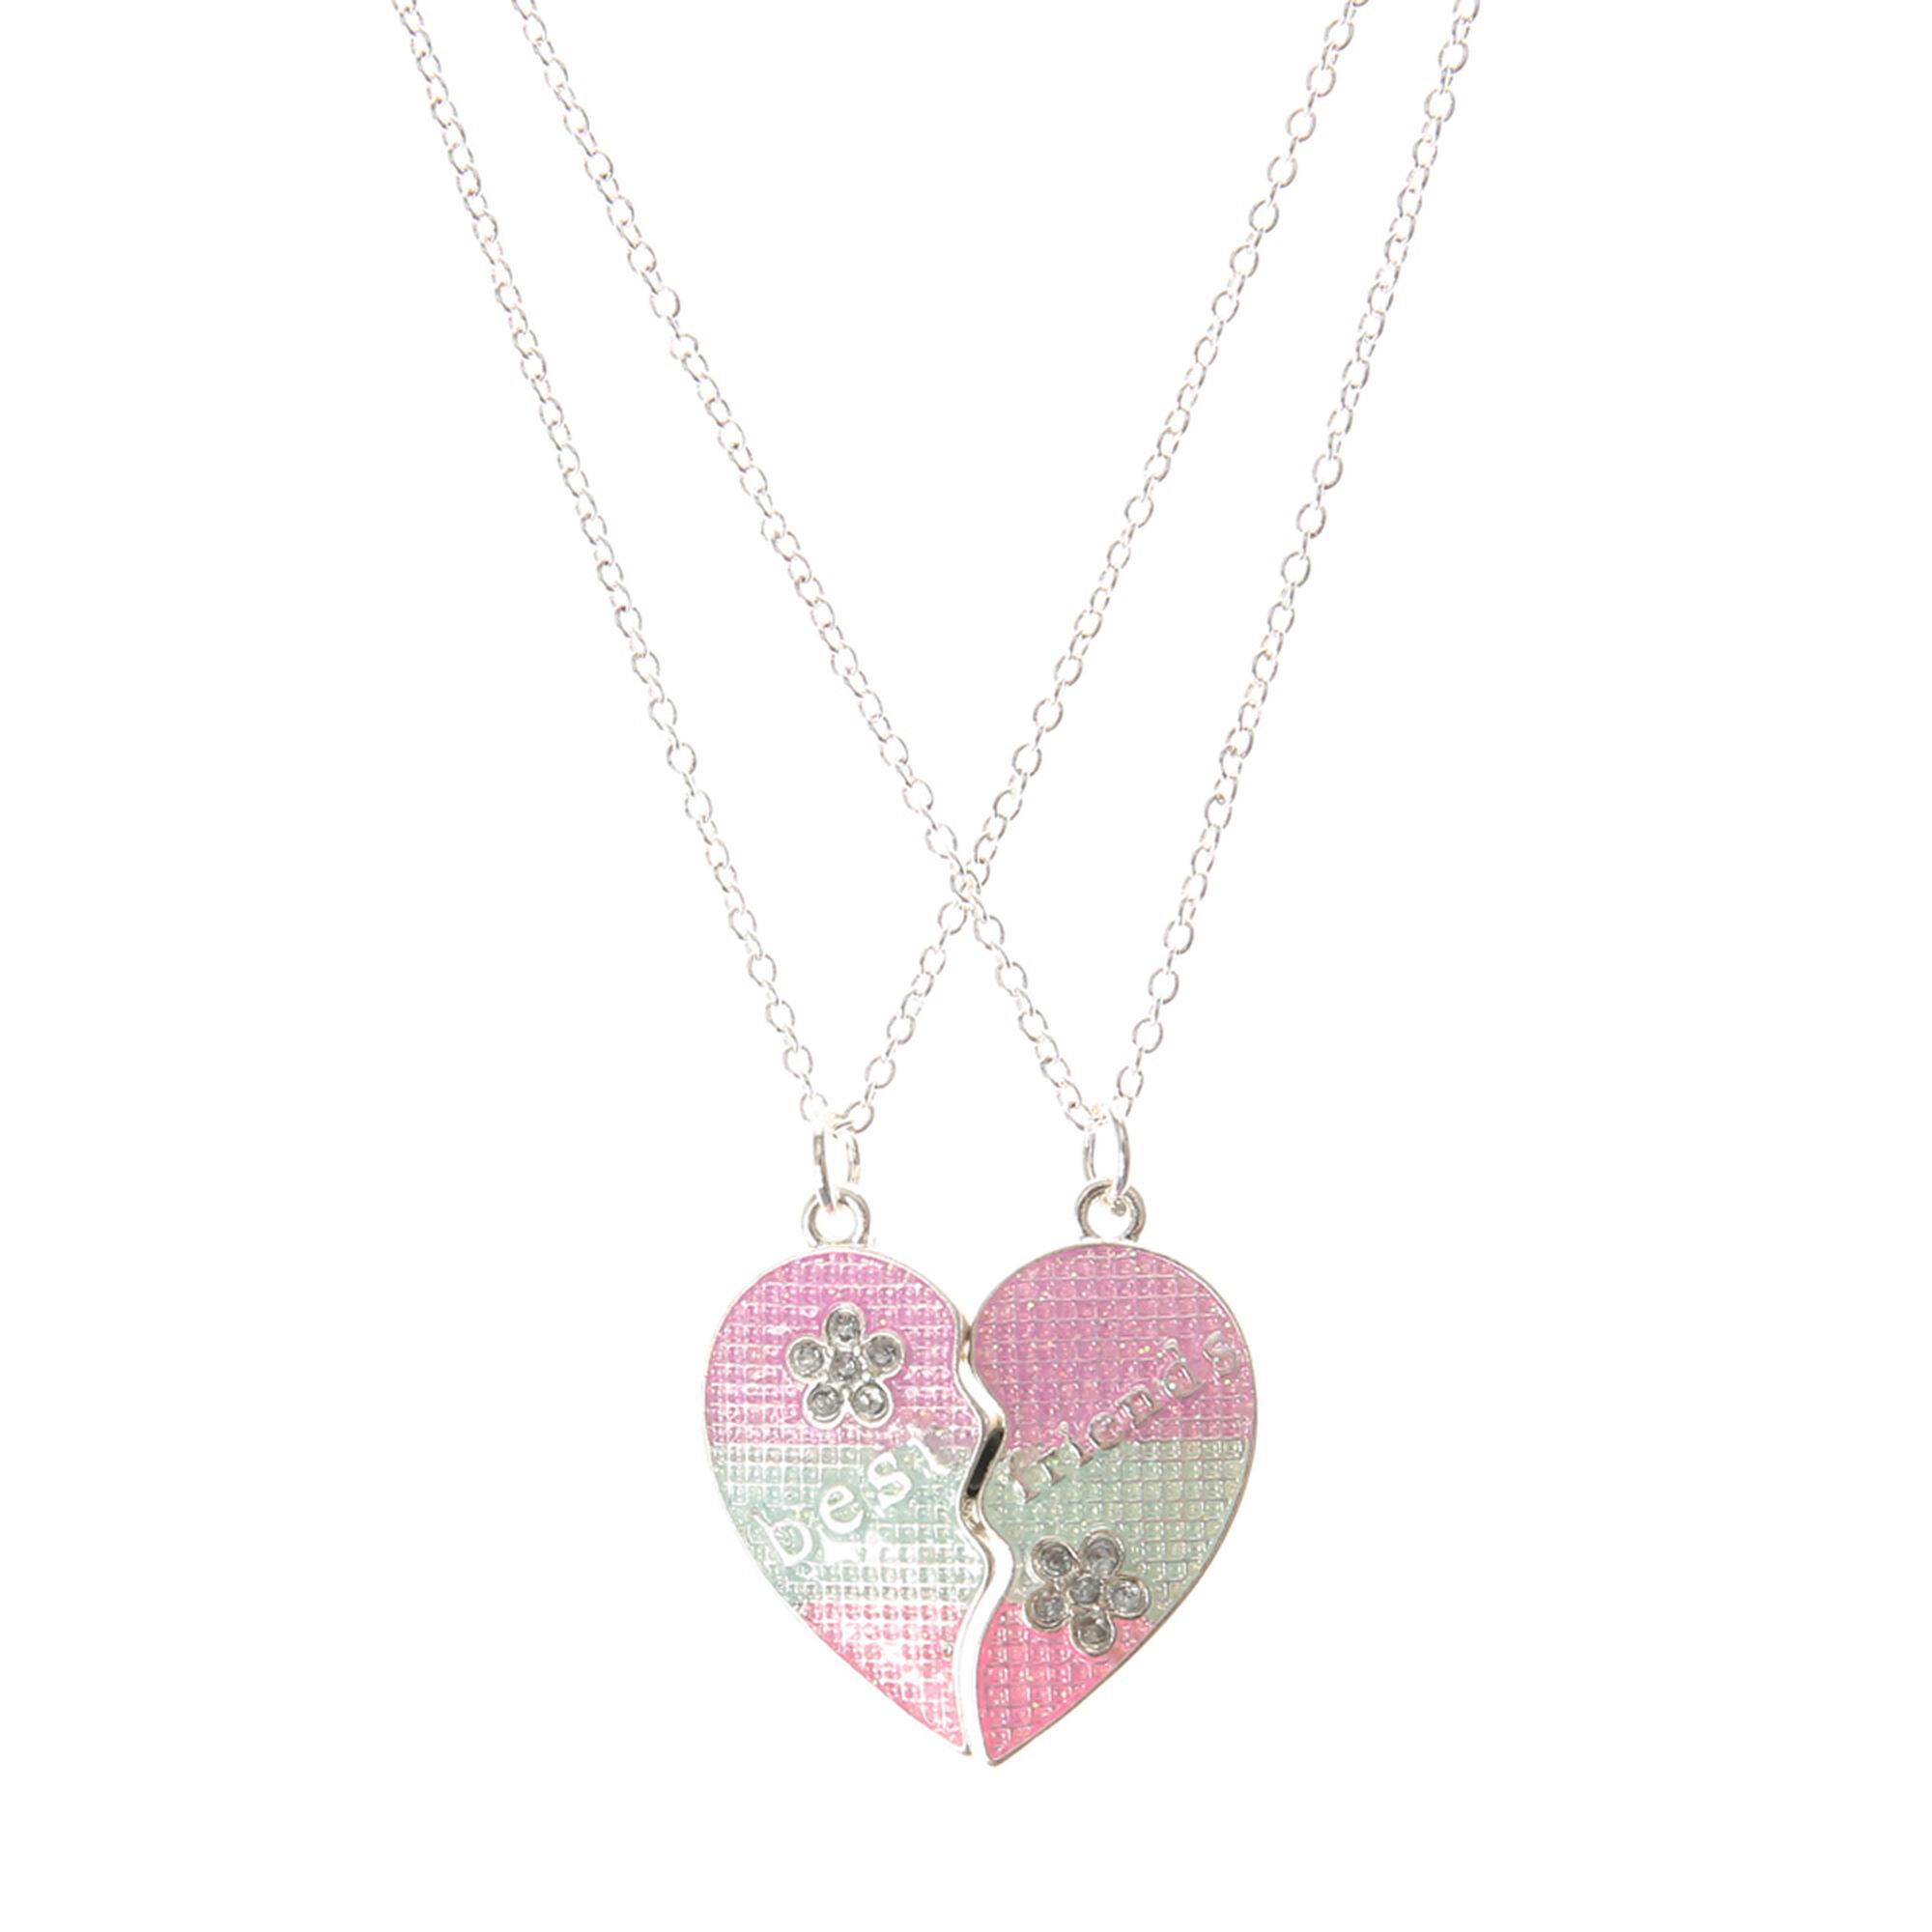 Best friends pastel half heart pendant necklaces claires best friends pastel half heart pendant necklaces aloadofball Choice Image